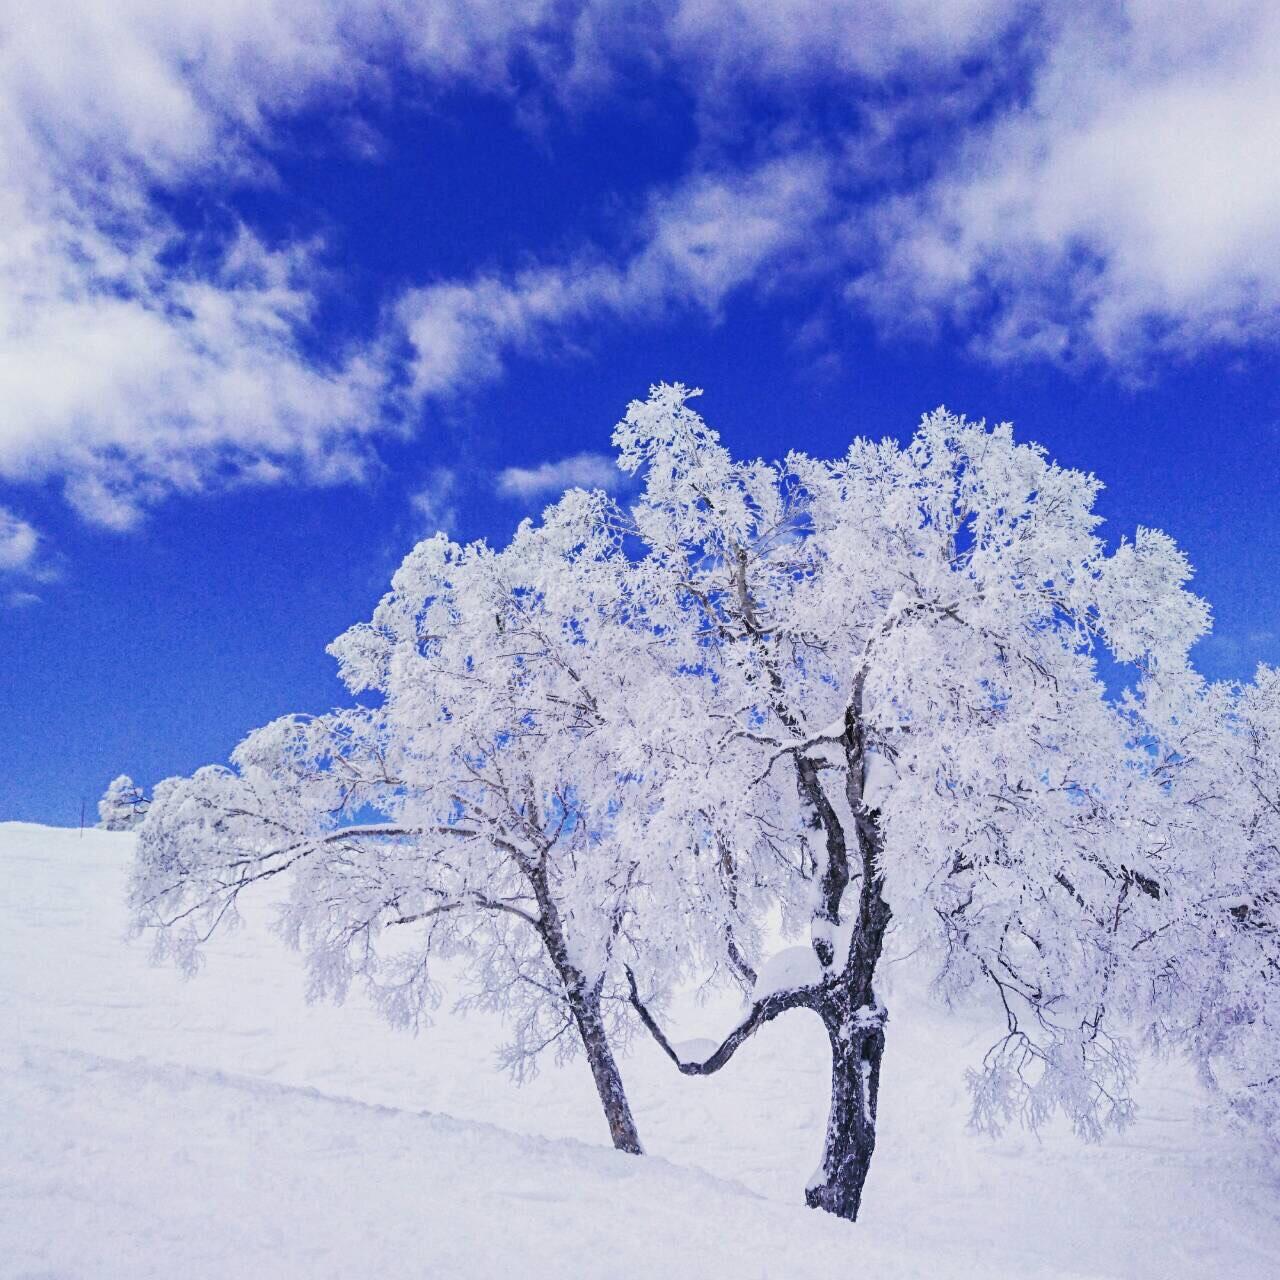 長野県で就職してみませんか?スノーボード編